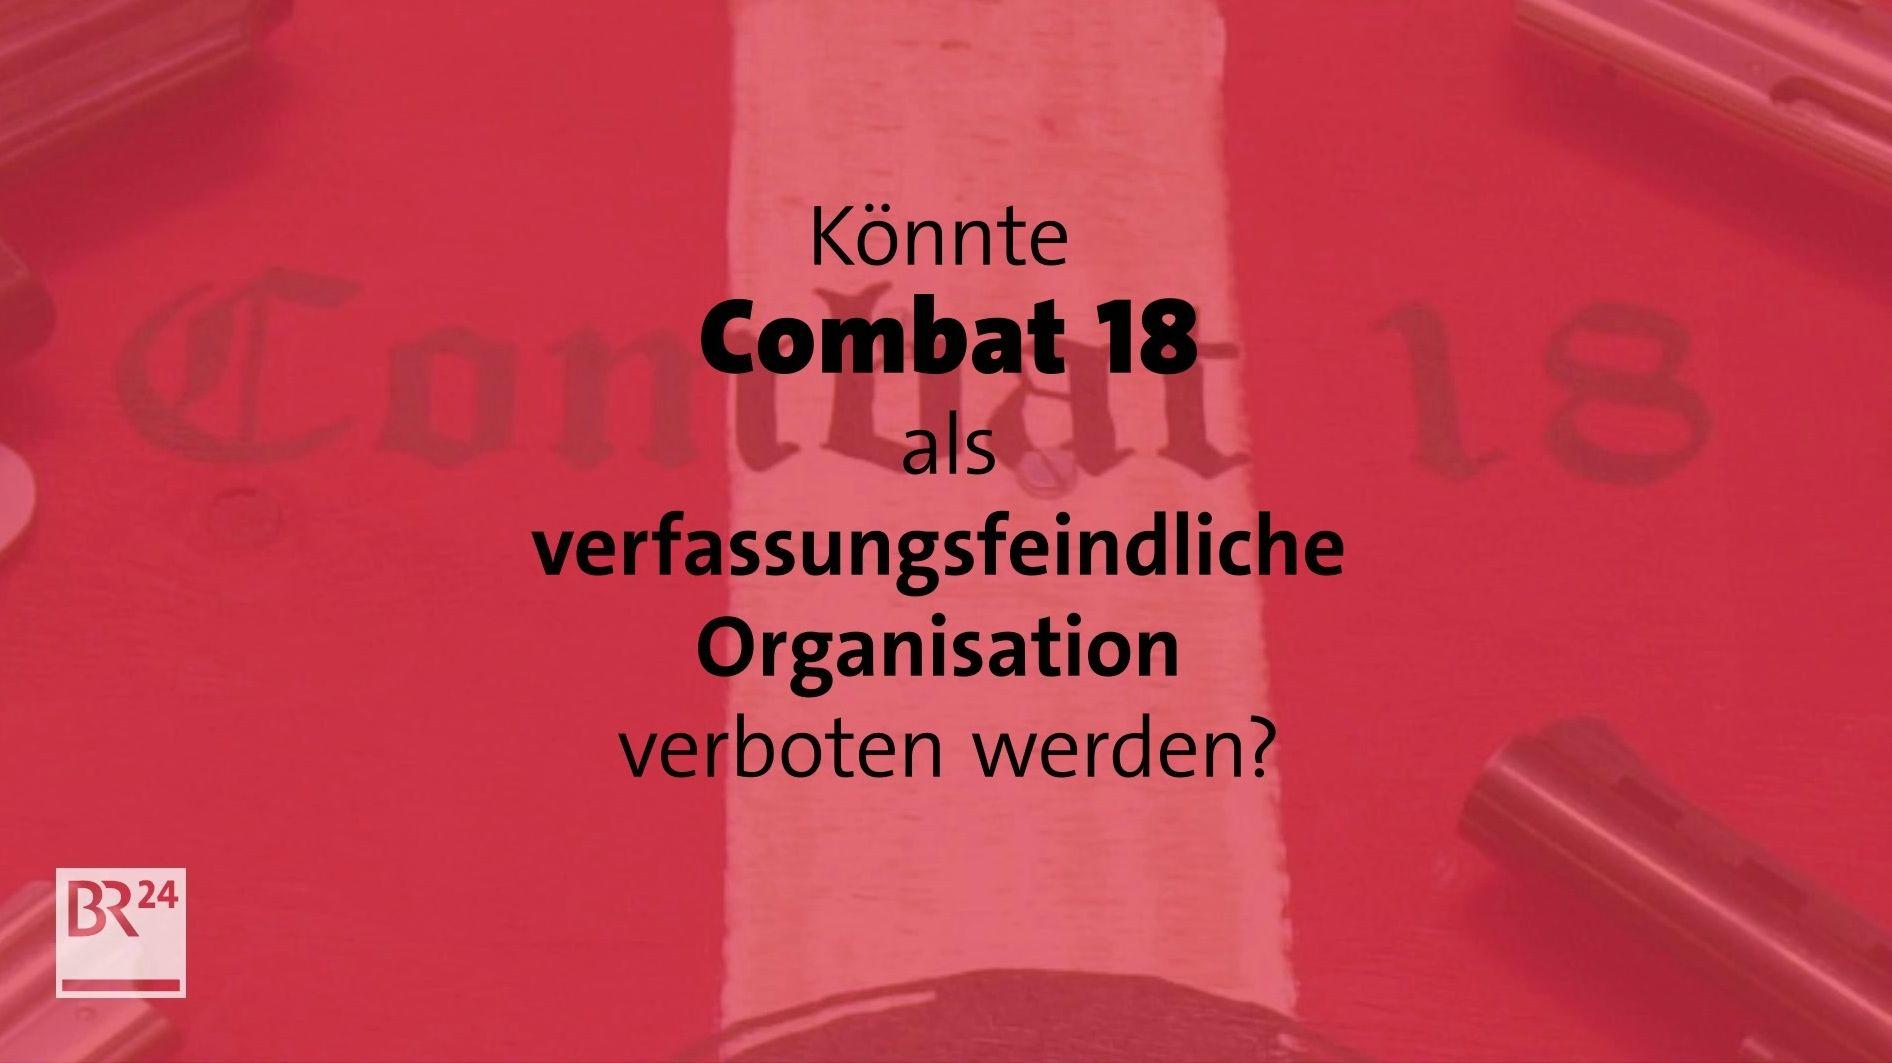 #fragBR24💡 Könnte die Neonazi-Gruppe Combat 18 verboten werden?